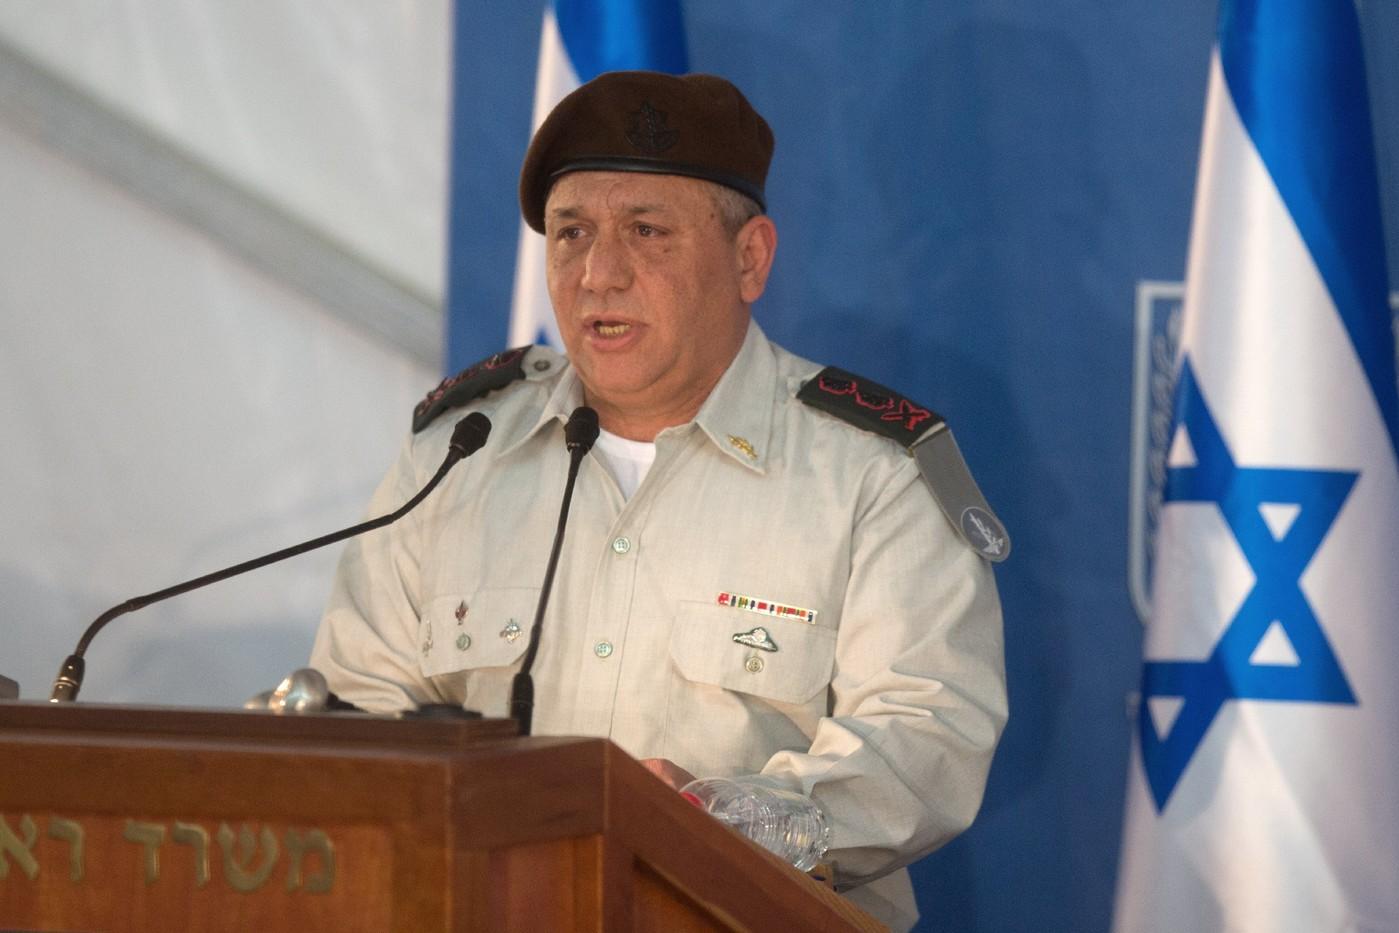 اسرائیل: امسال وارد جنگی بزرگ با حزب الله میشویم/توافق نظامی-امنیتی عراق، کویت، عربستان و اردن/ به رسمیت شناختن اسرائیل توسط ولیعهد عربستان/مخالفت ایران با حضور فرانسه در نشست صلح سوریه